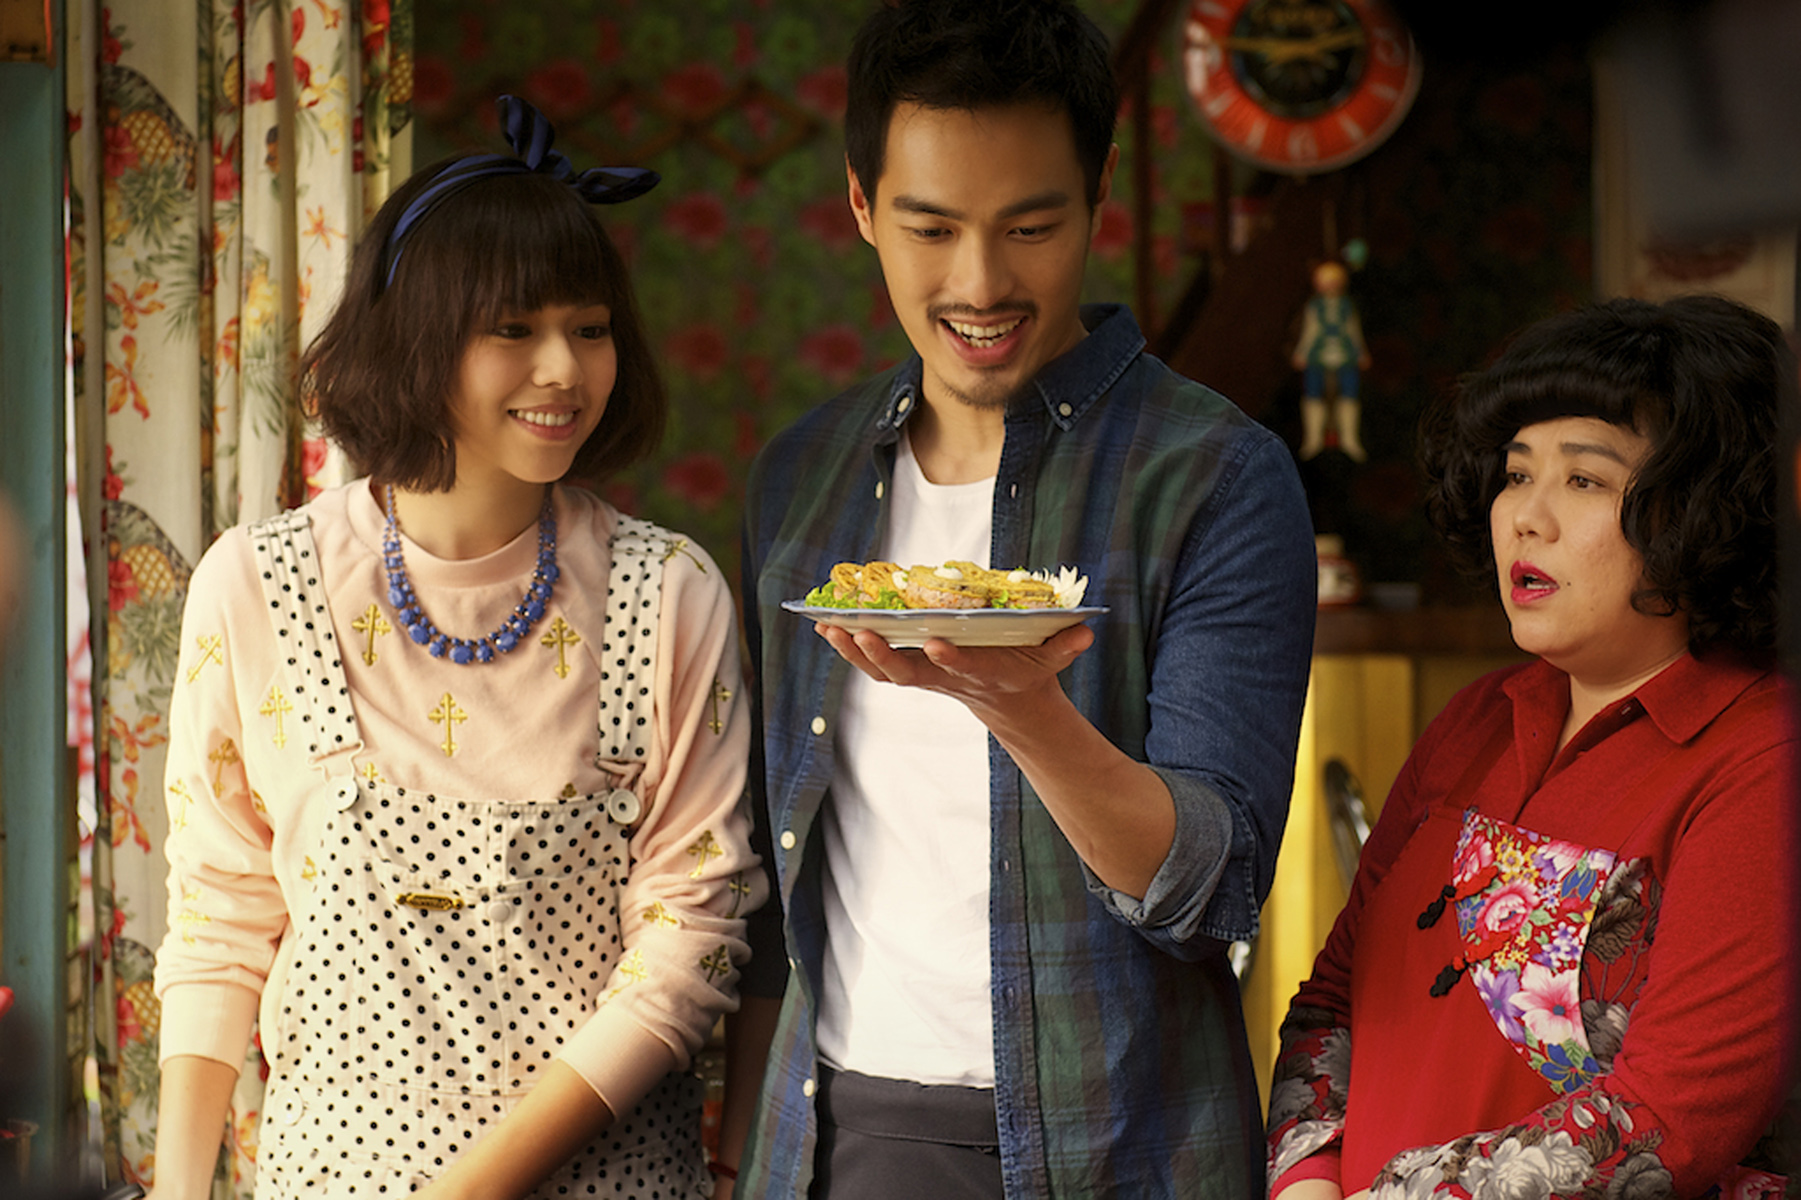 San Francisco Film Society Presents 5th Annual Taiwan Film Days on Nov. 1- 3